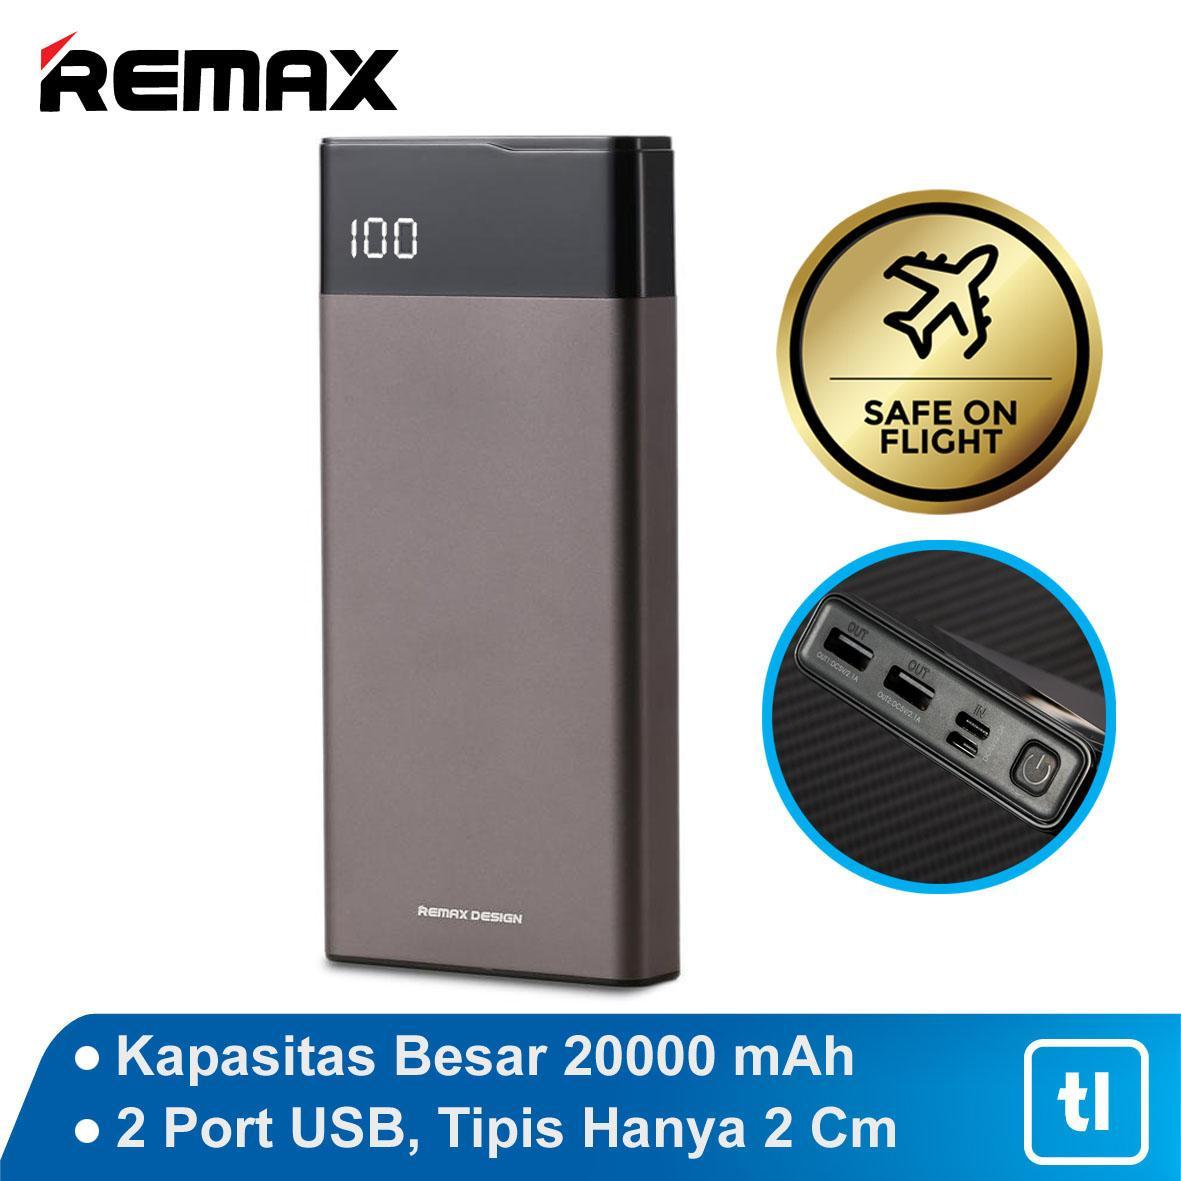 Remax Renor Power Bank 20000 mAh RPP-131 Original Garansi / Power Bank Original / Power Bank Garansi / Power Bank Murah / Power Bank Bagus / Power Bank Awet